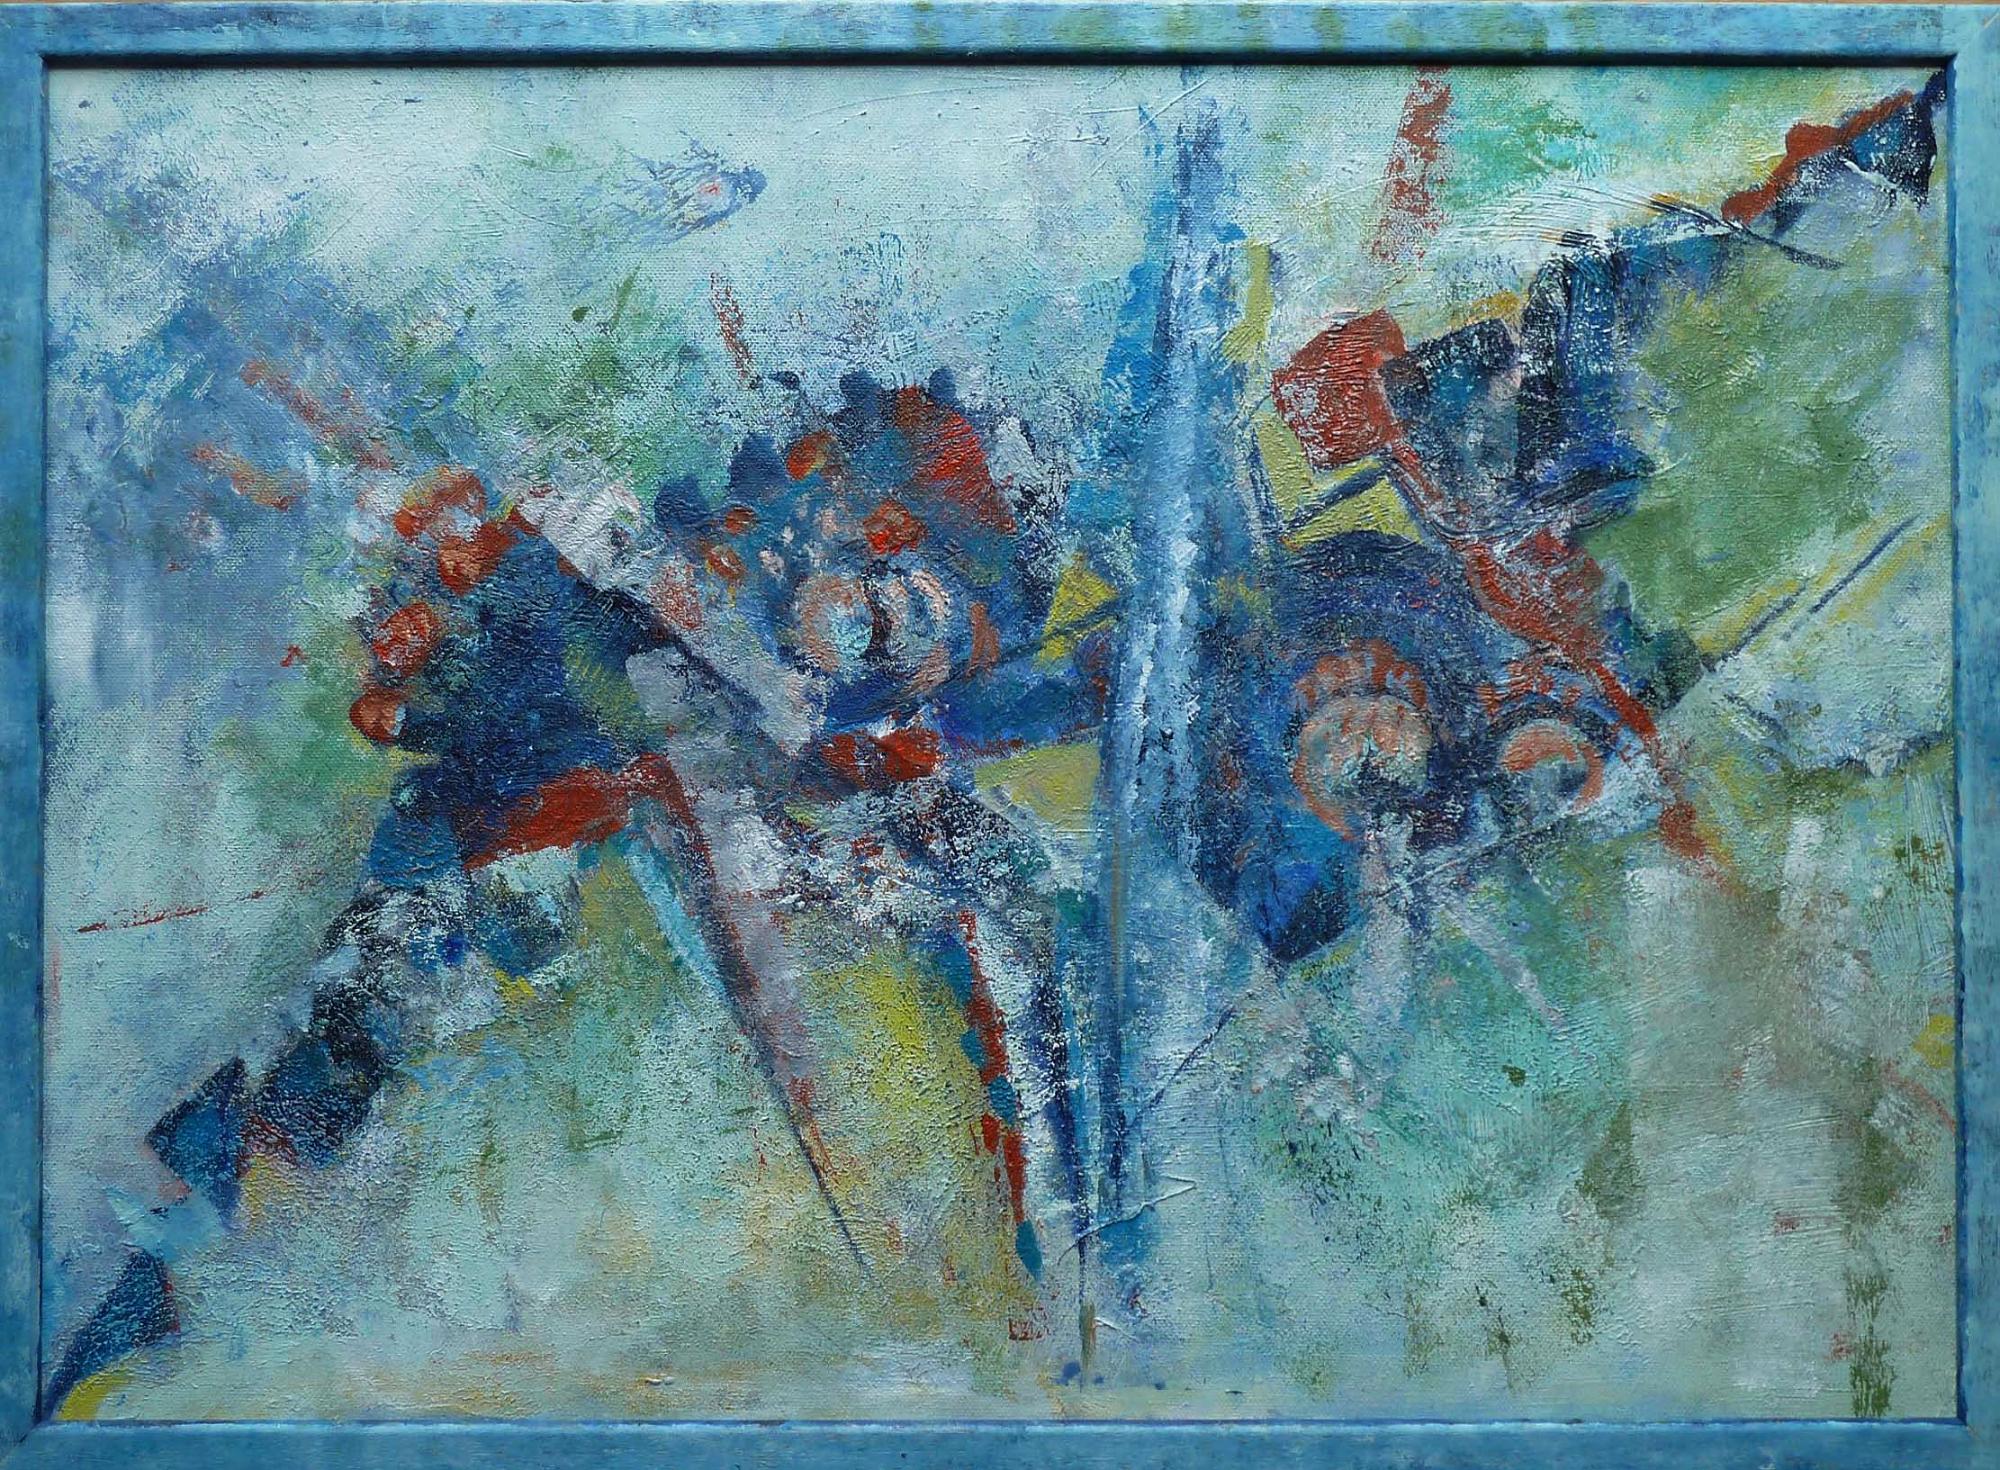 2016 - Abstrakt, 70x50cm, Acryl-Spachteln